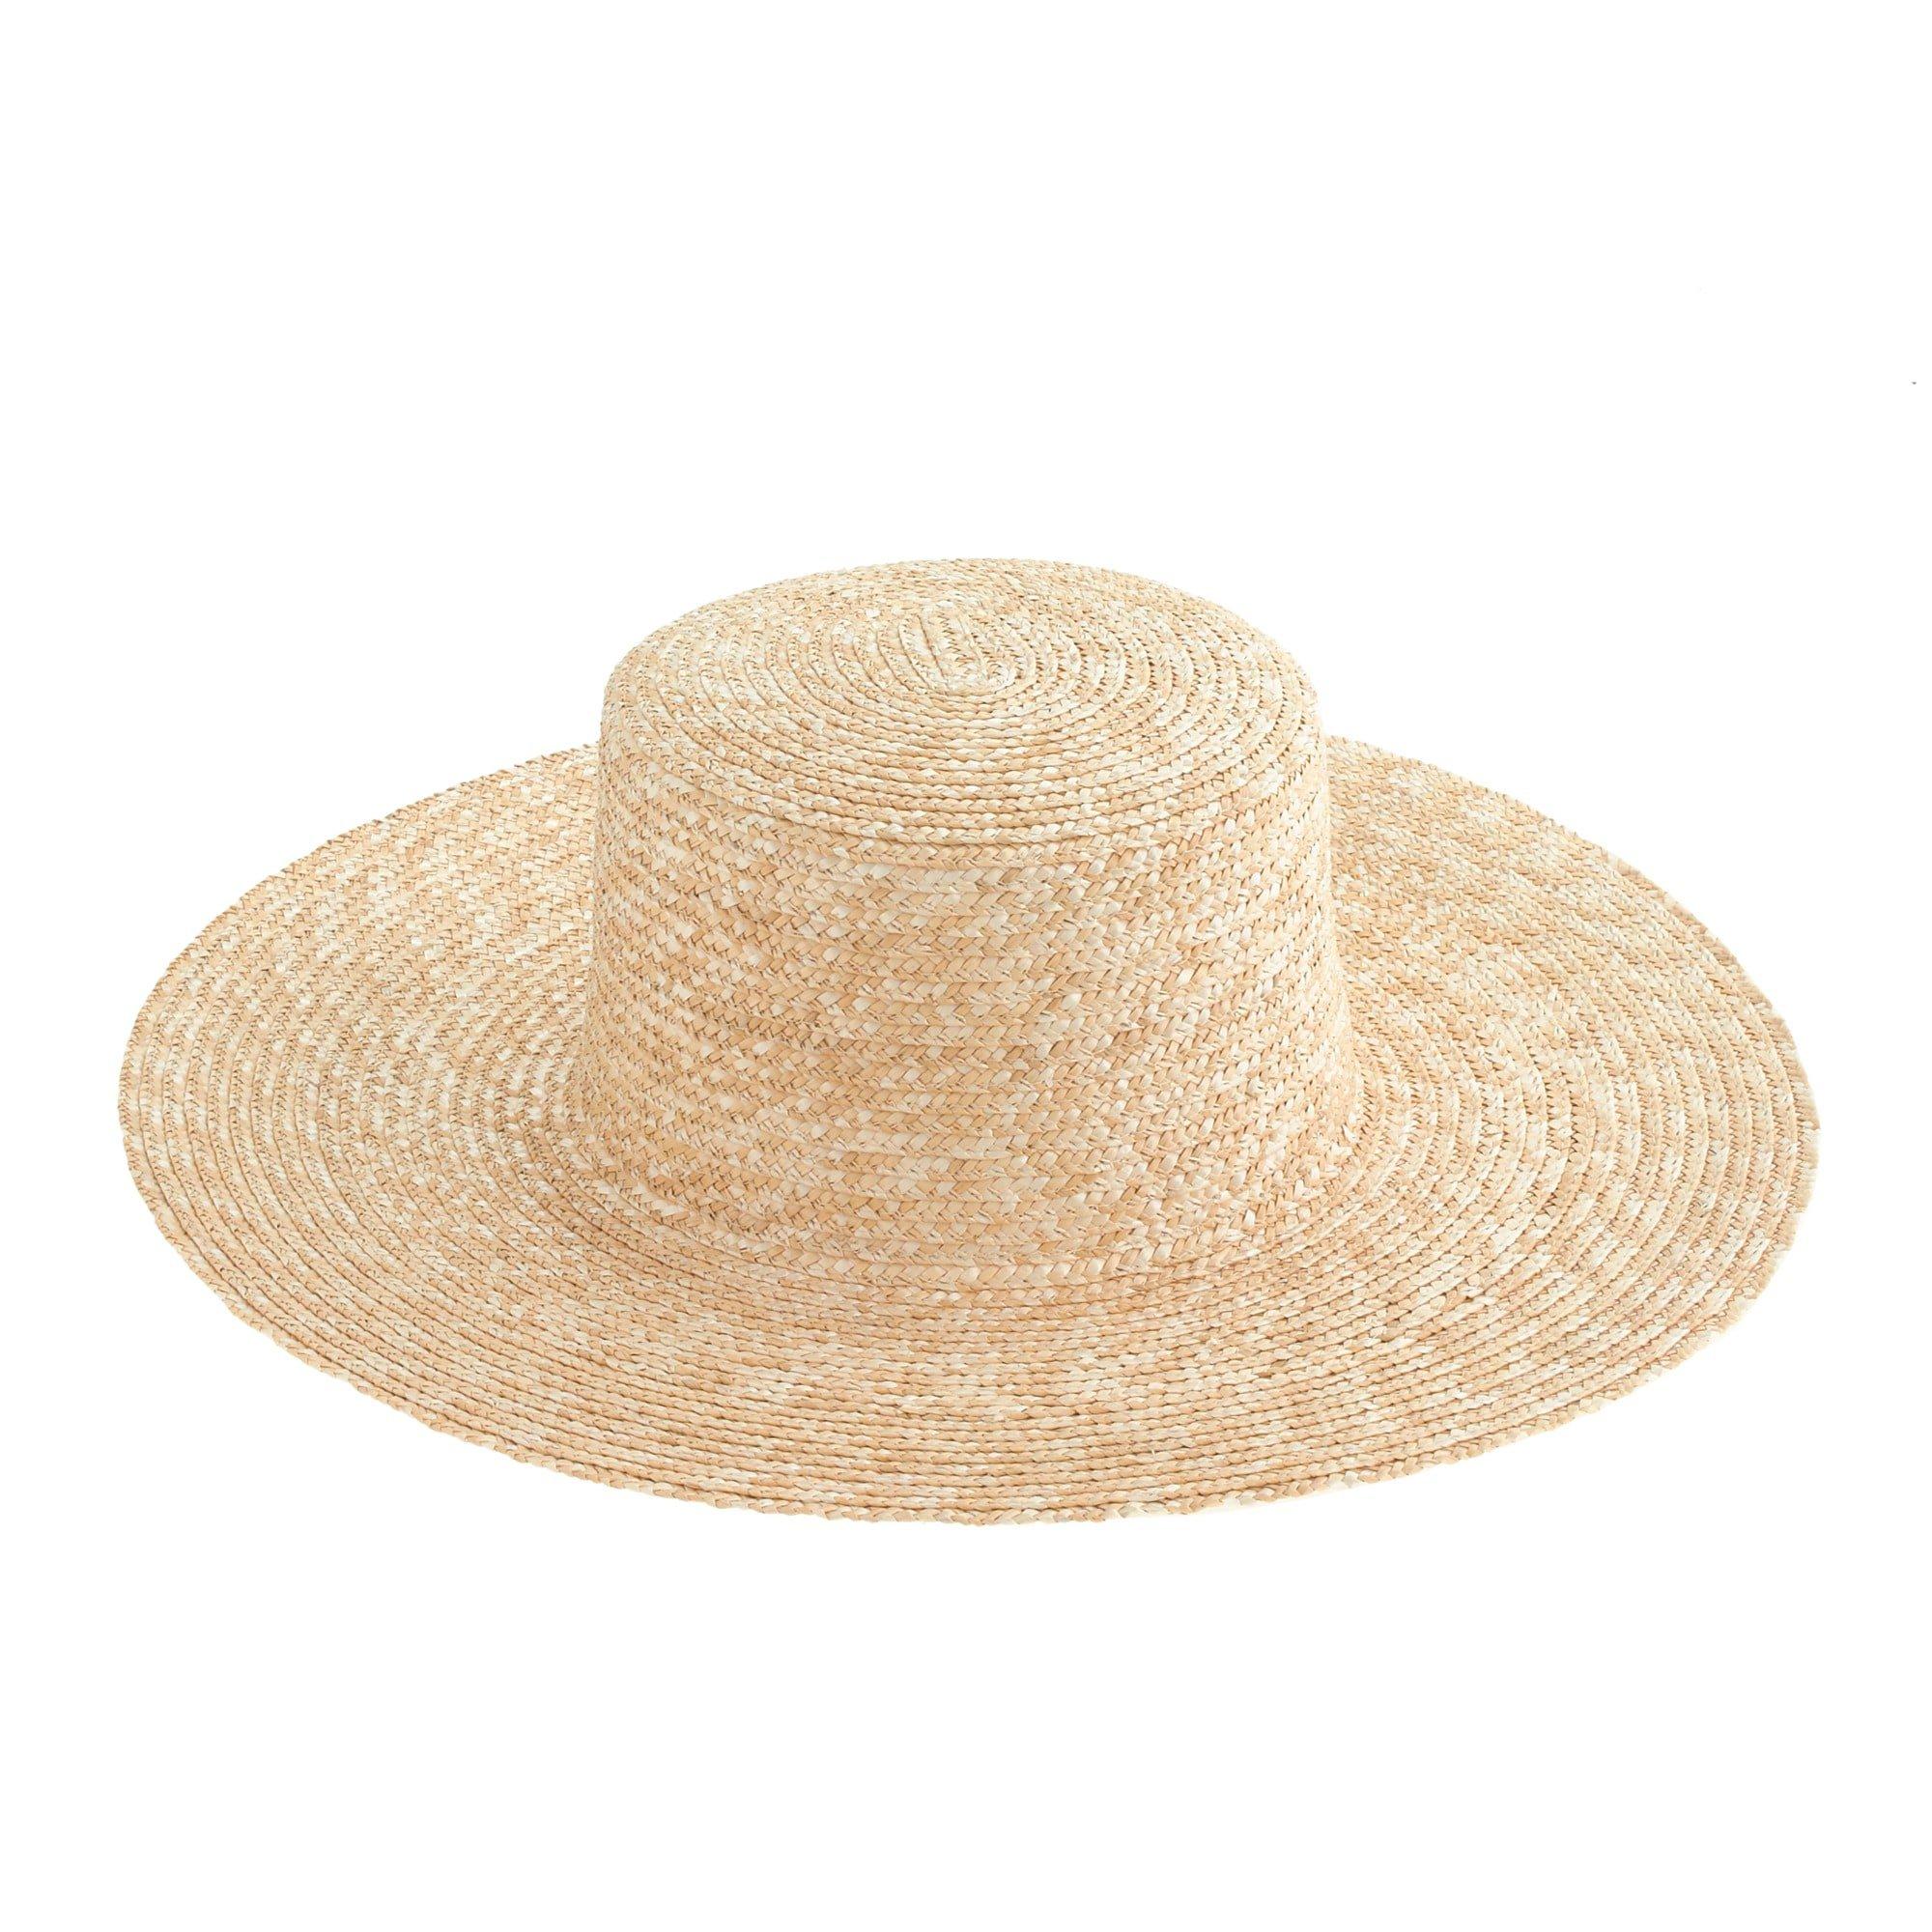 J.Crew: Wide-brimmed Straw Beach Hat